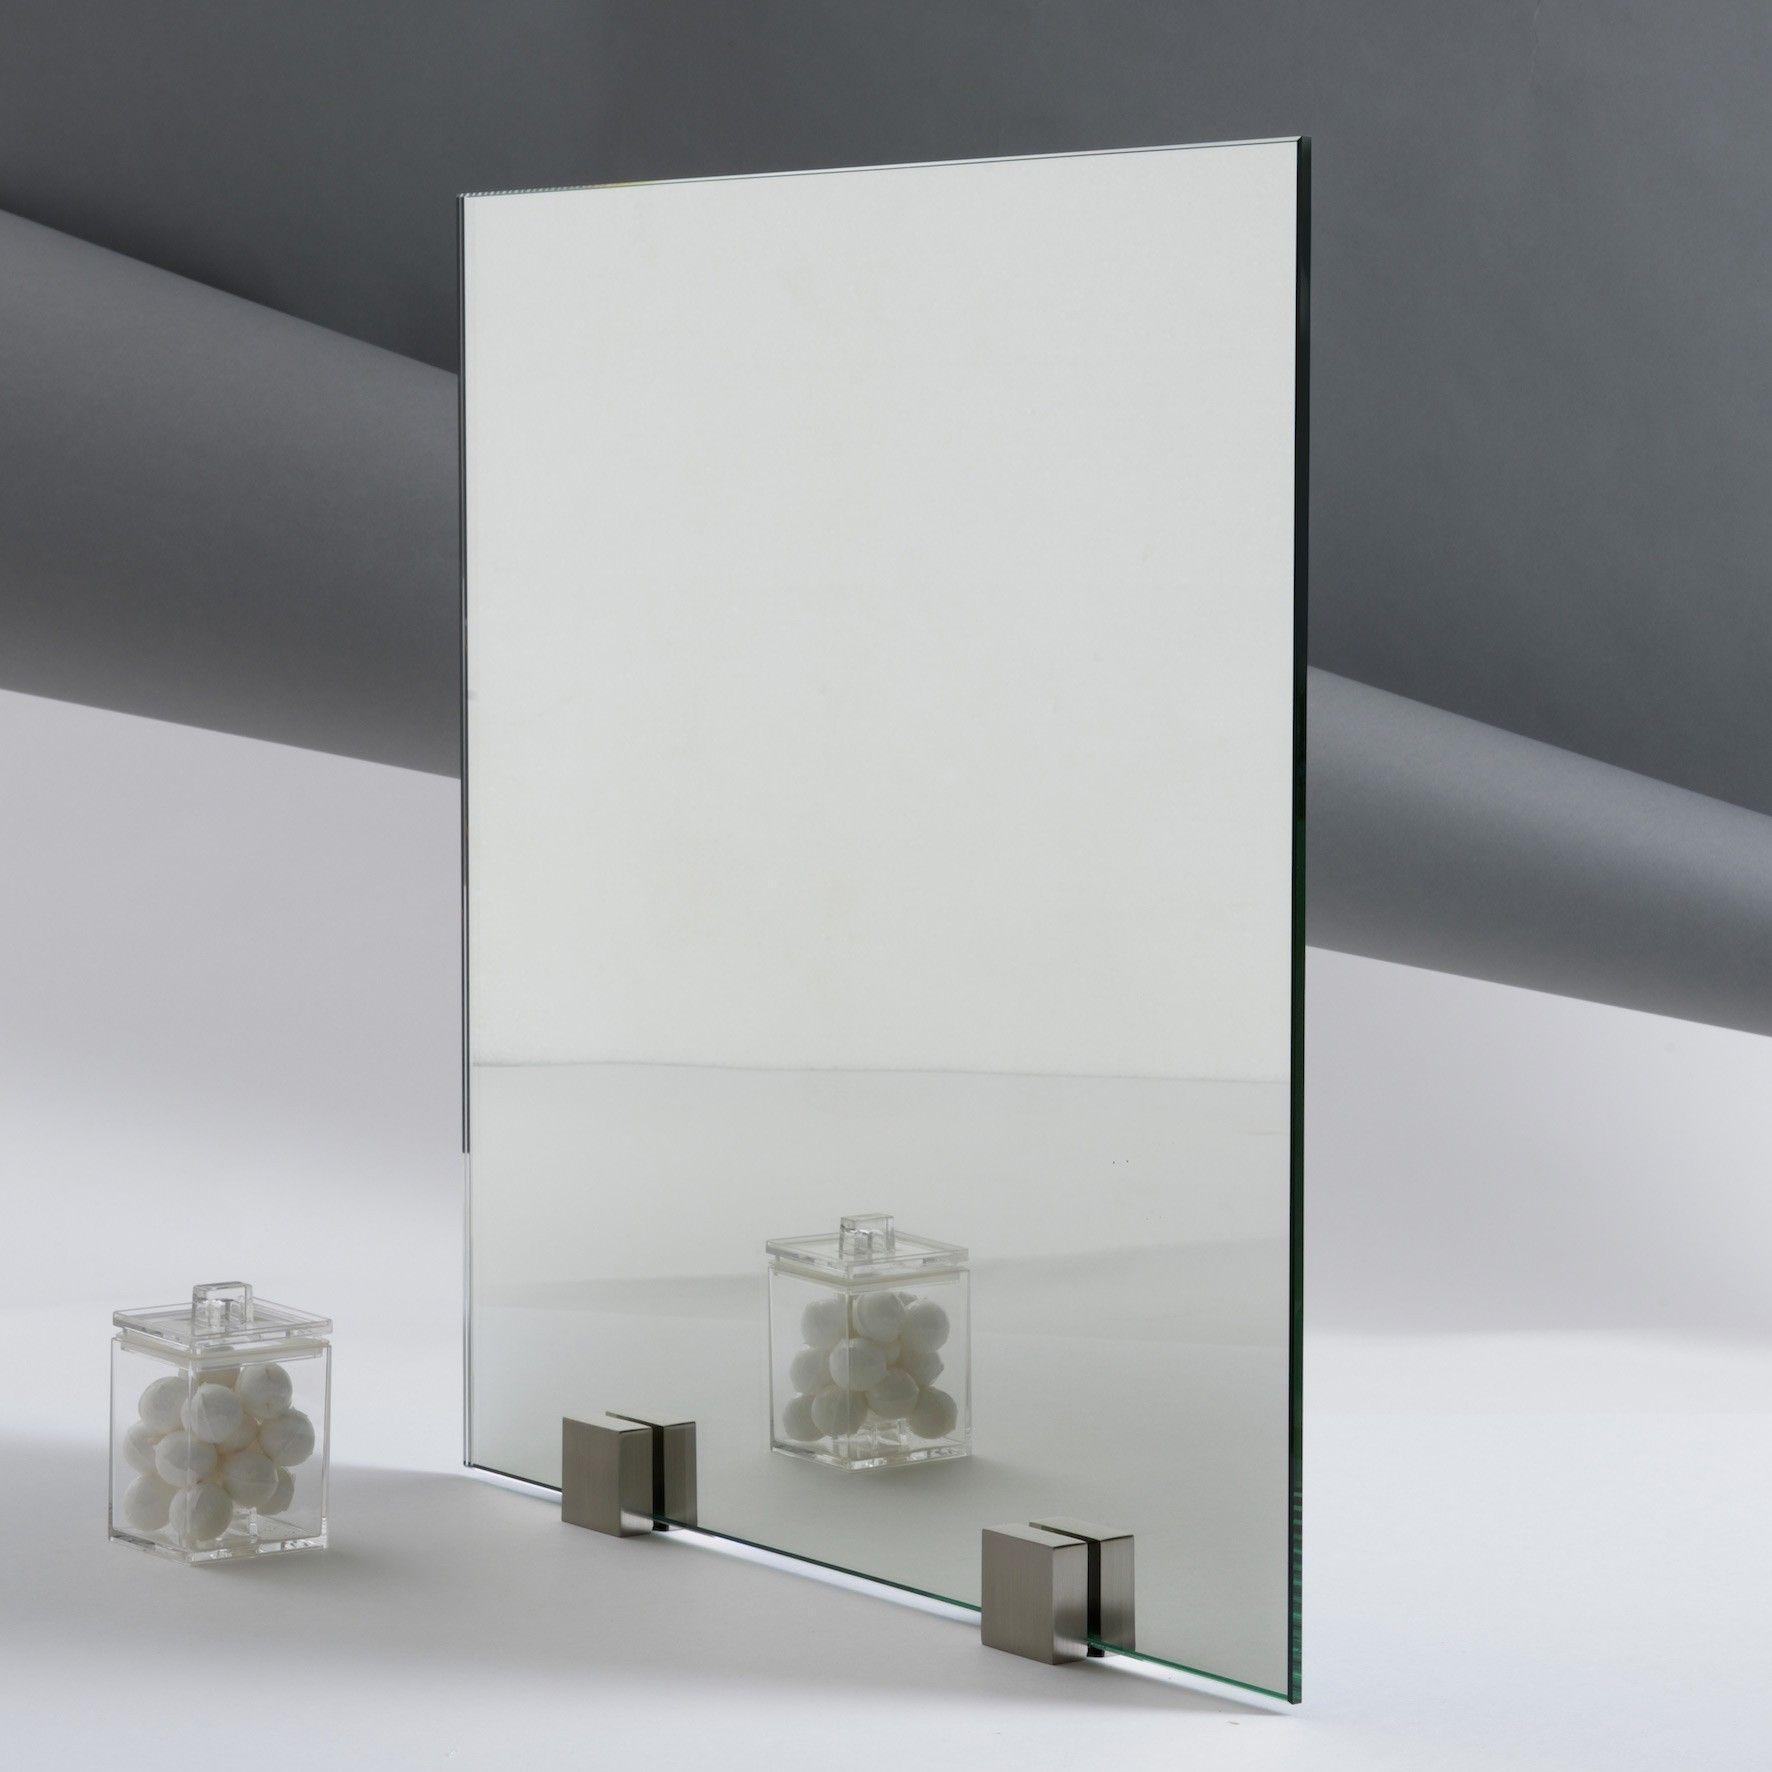 D coupe de verre et vitre sur mesure double vitrage - Qu est ce qu une credence ...